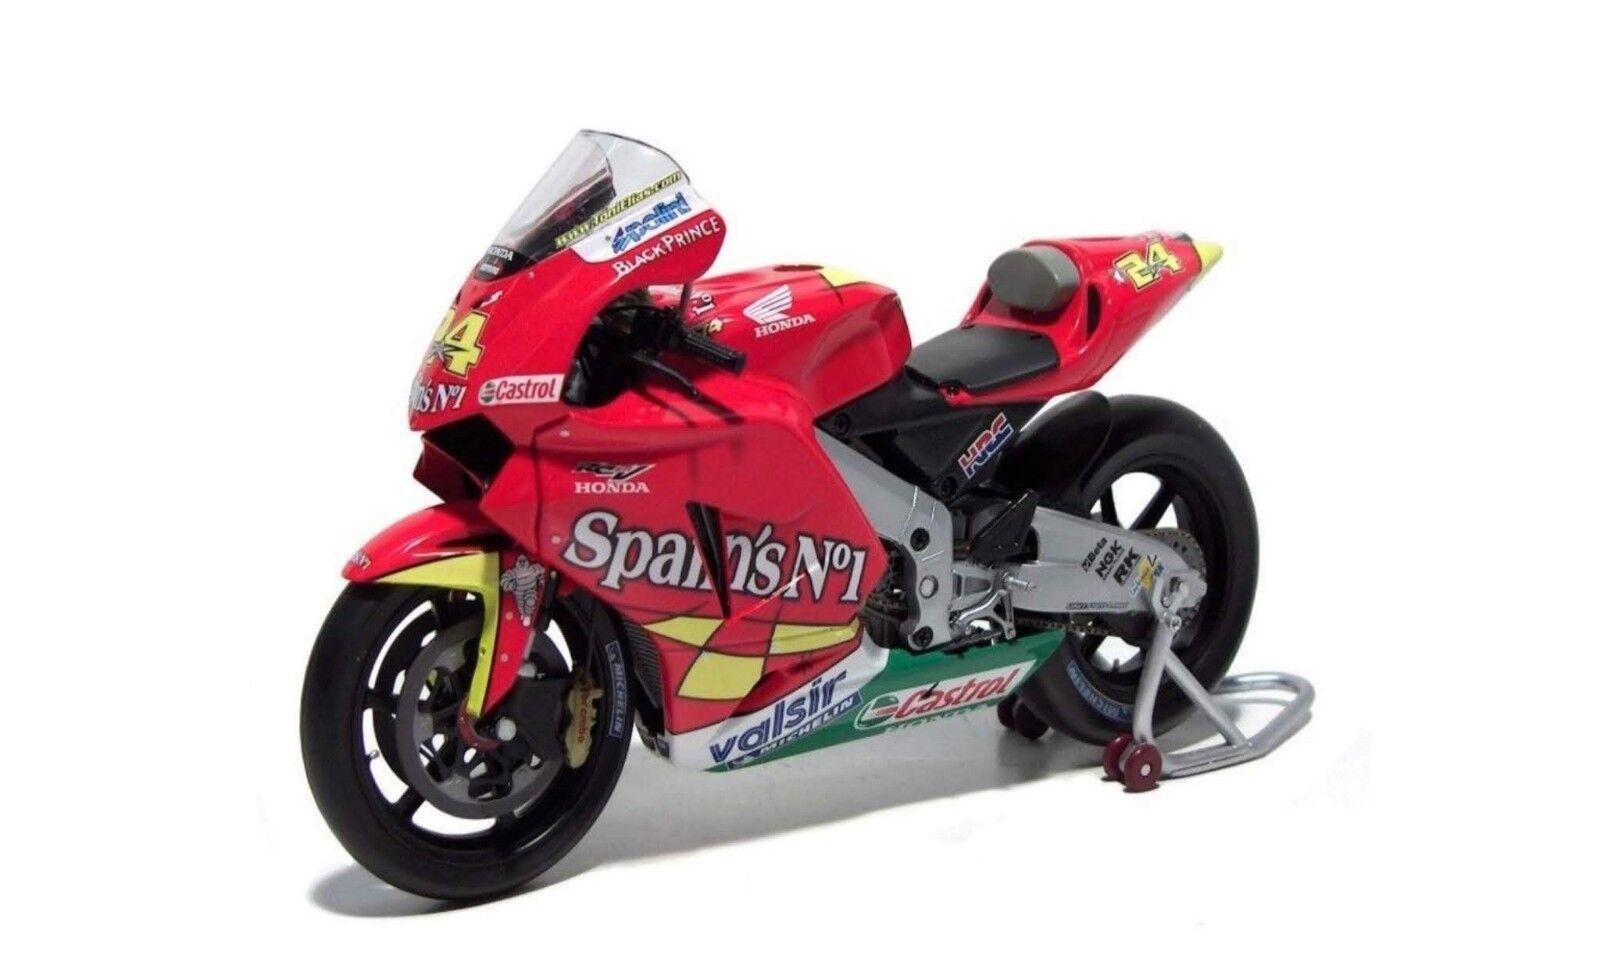 moda clasica 1 12 Honda RC211V Elias MotoGP 2006 2006 2006 1 12 • Minichamps 122061024  compras online de deportes